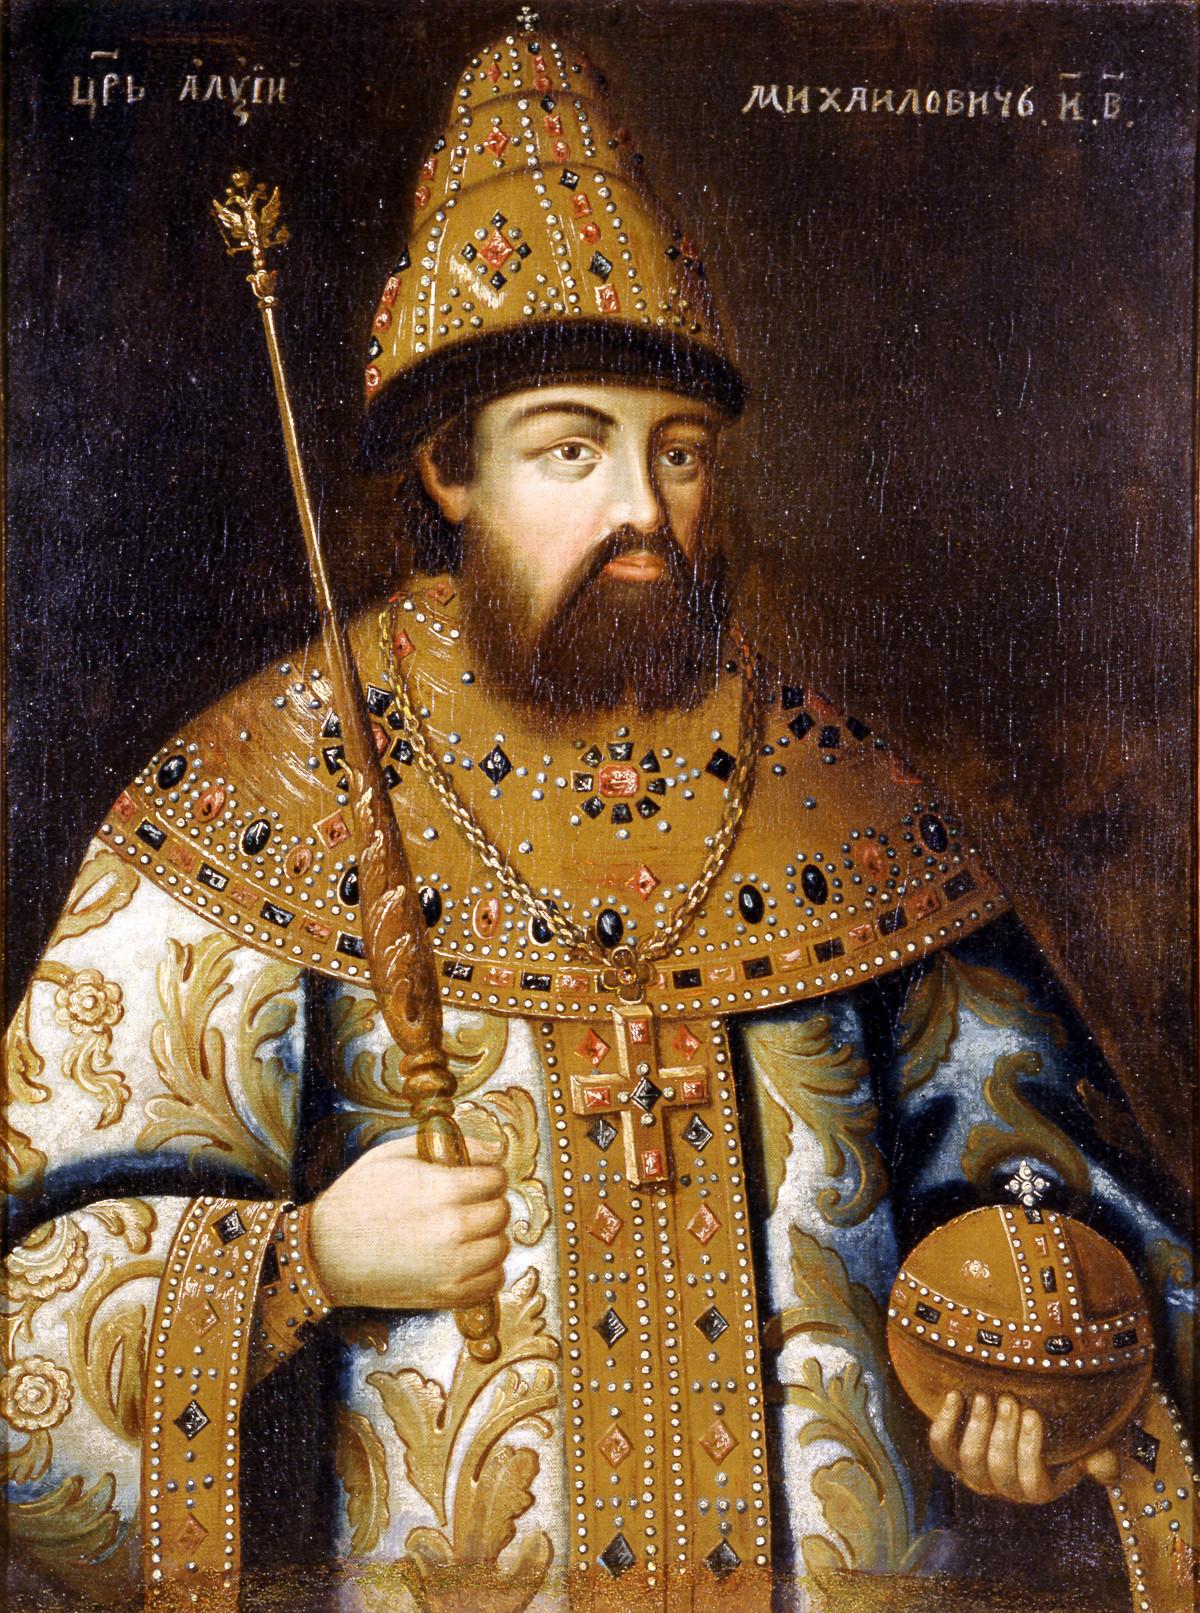 Алексеј I (1629-1676), други руски цар из династије Романов, владао (1645-1676), отац Петра I. Непознати уметник. Репродукција.